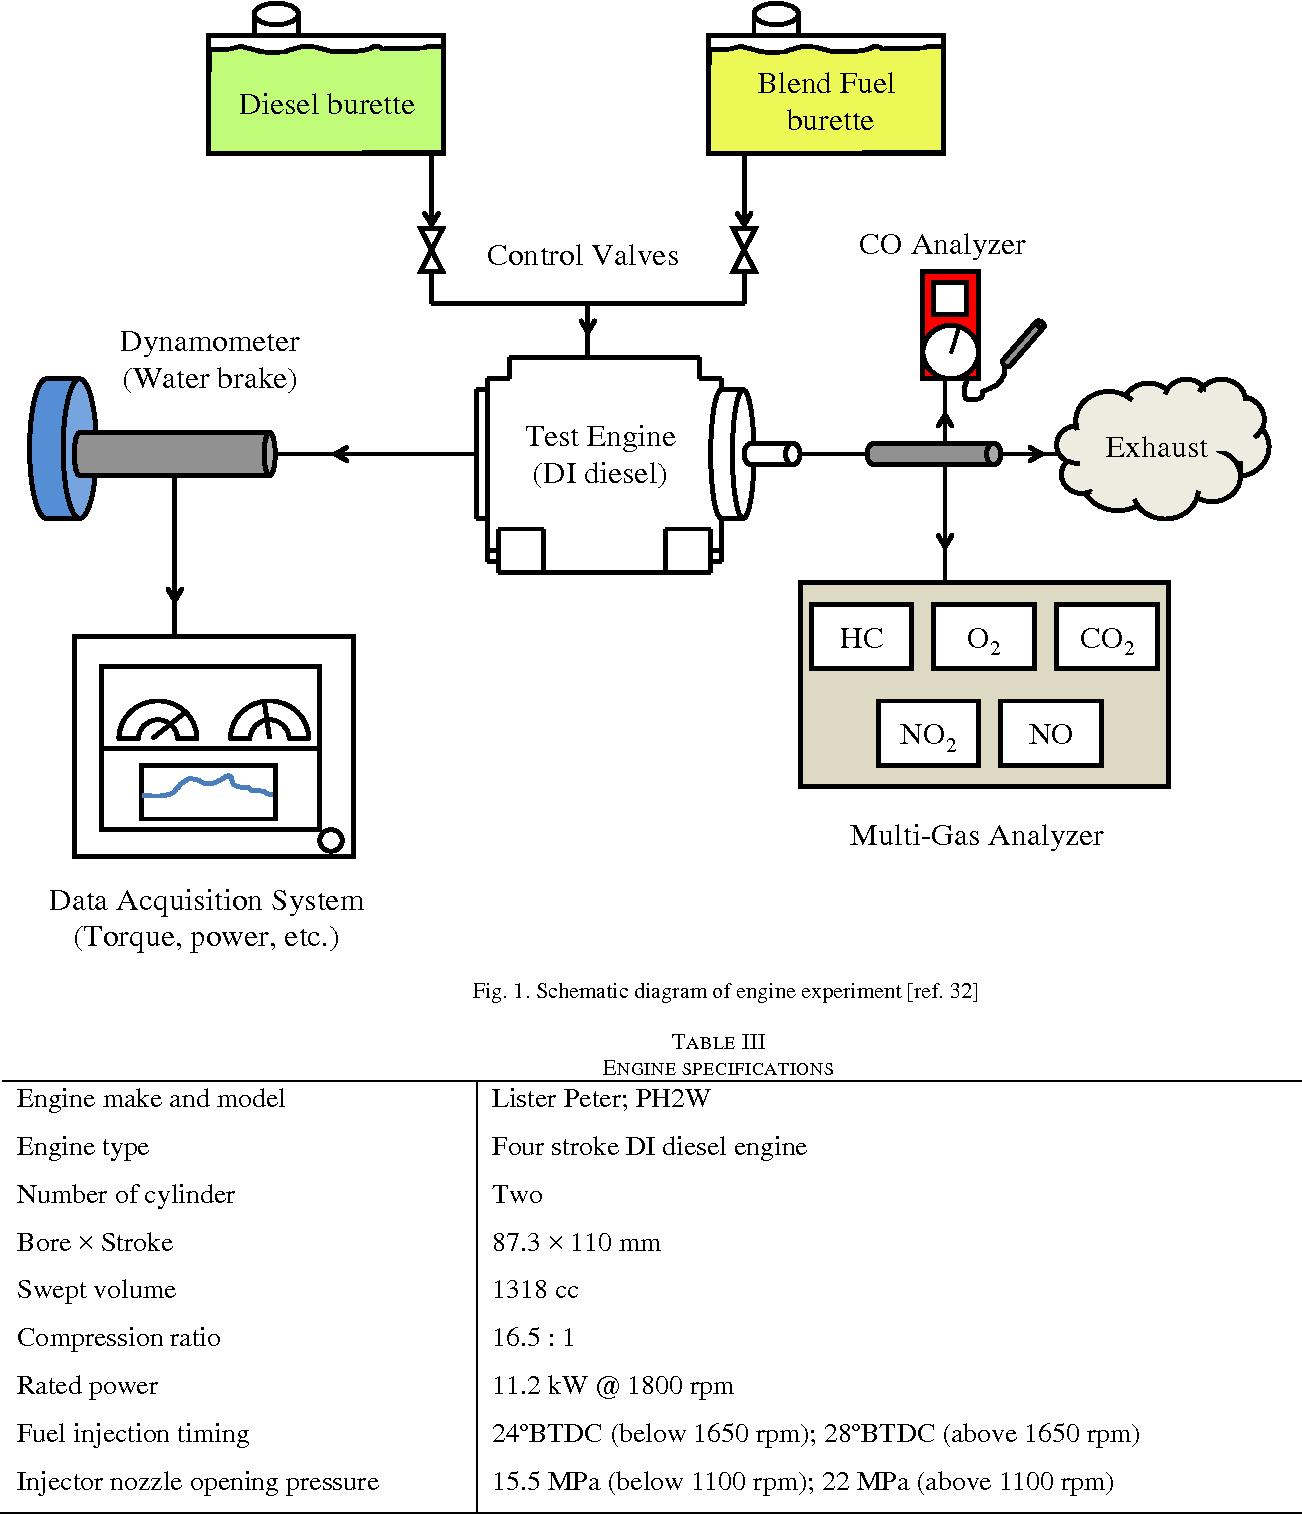 Schematic diagram of engine experiment [ref. 32]